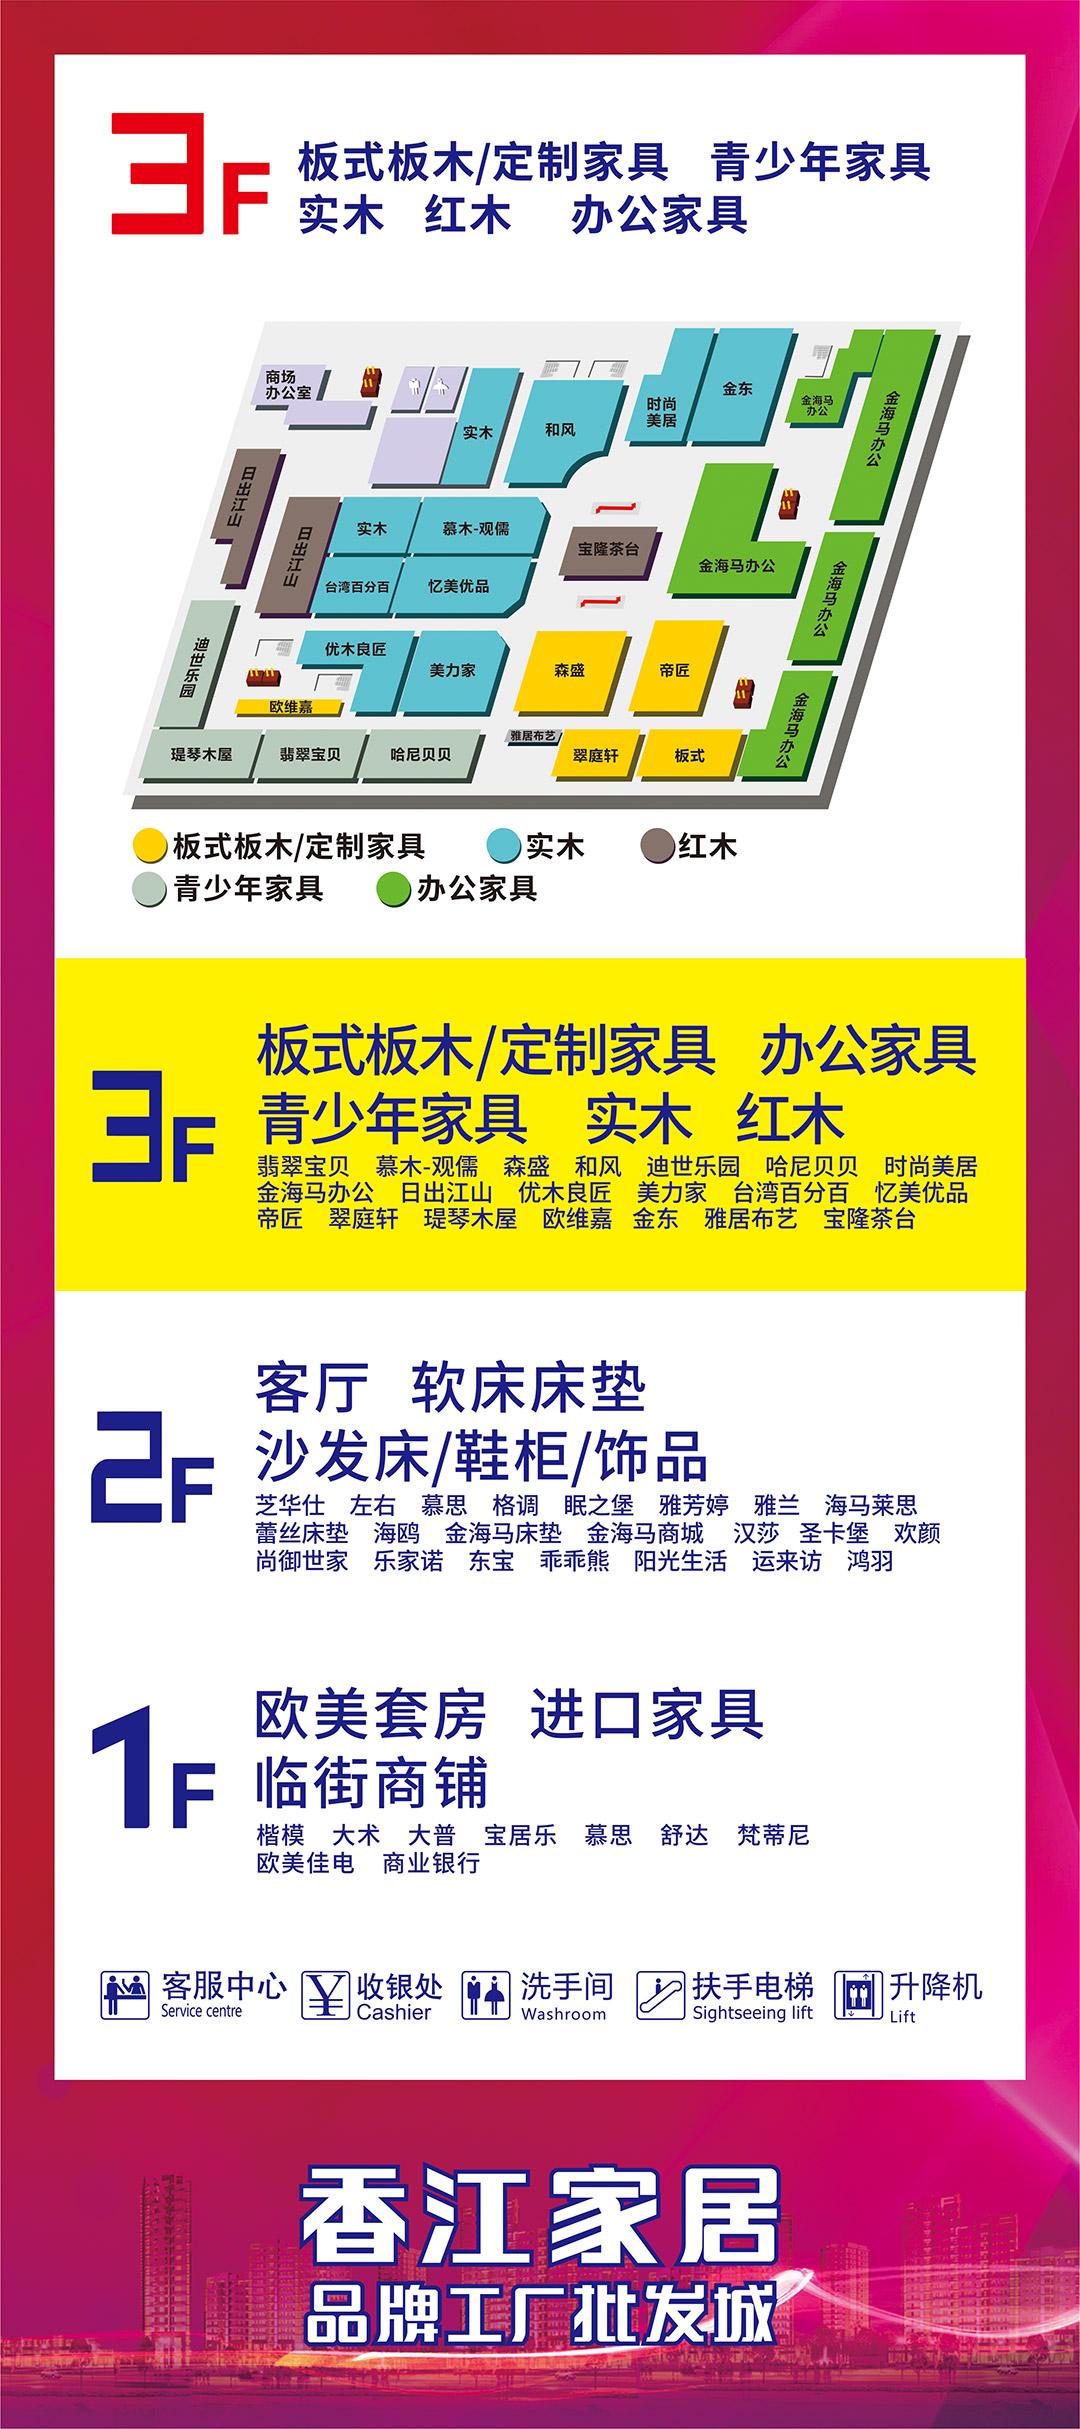 东莞香江-平面图3F.jpg